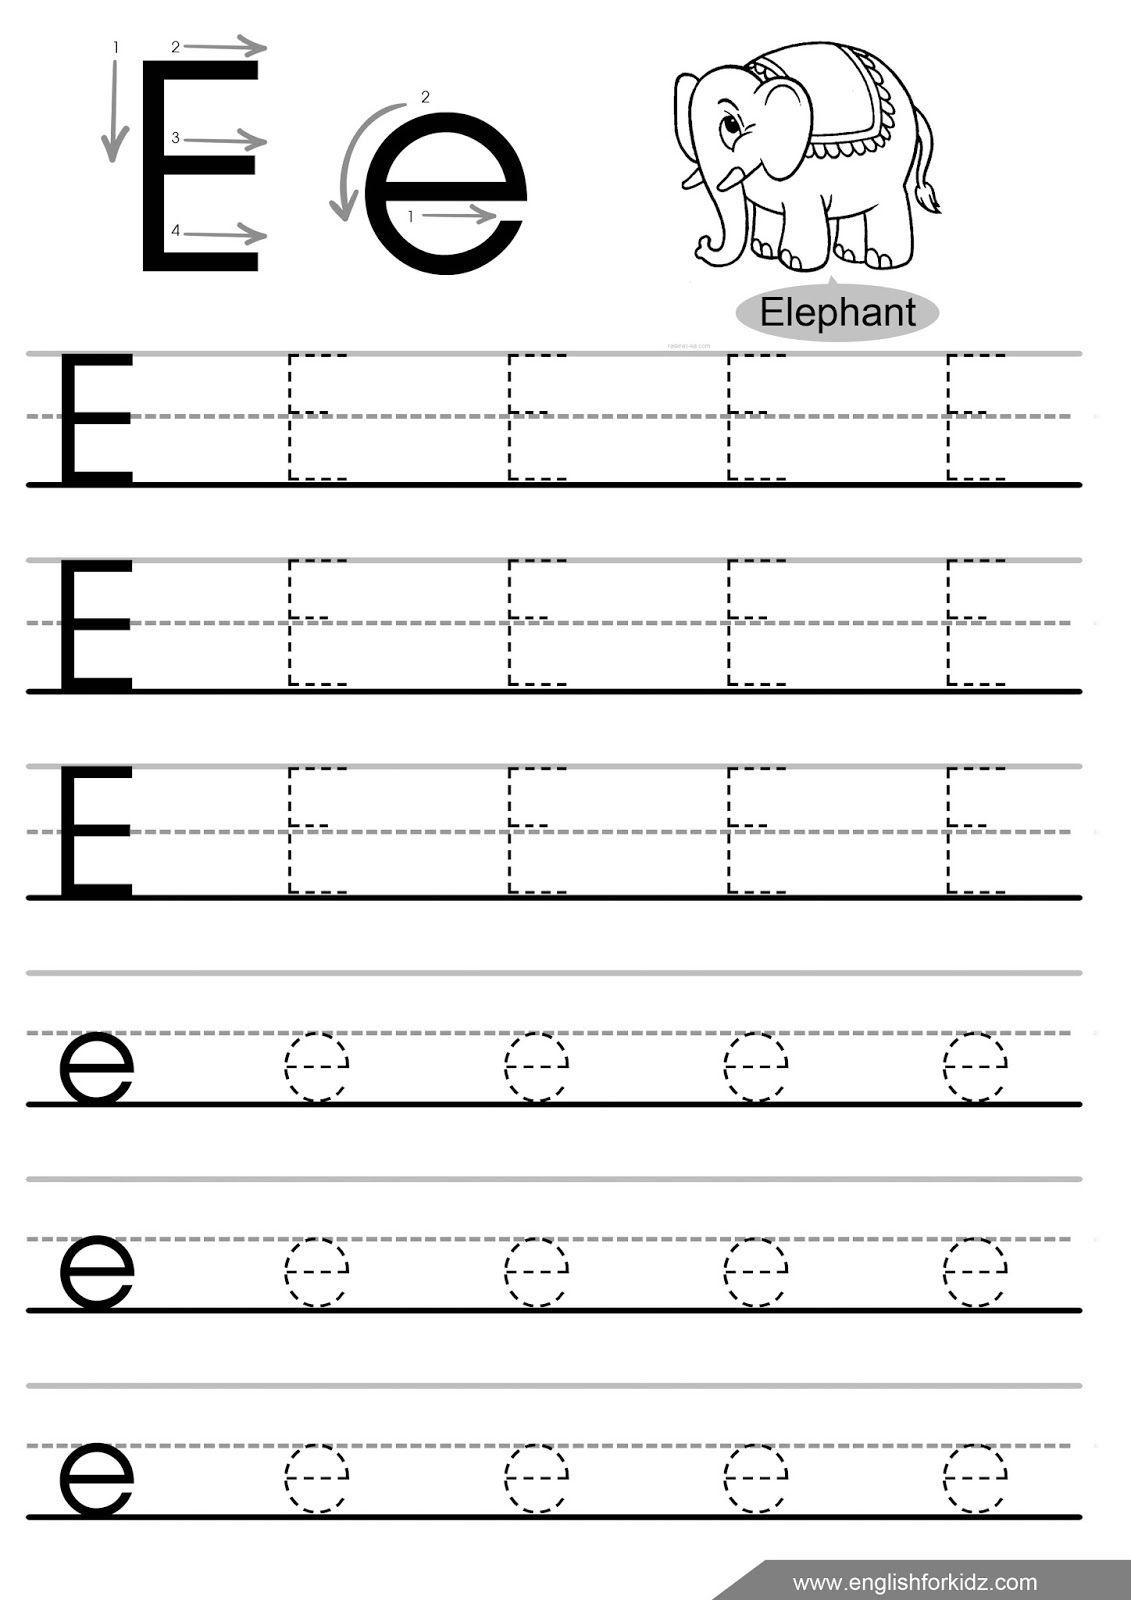 Letter Tracing Worksheets Letters A J | Letter Tracing inside Letter E Tracing Worksheets